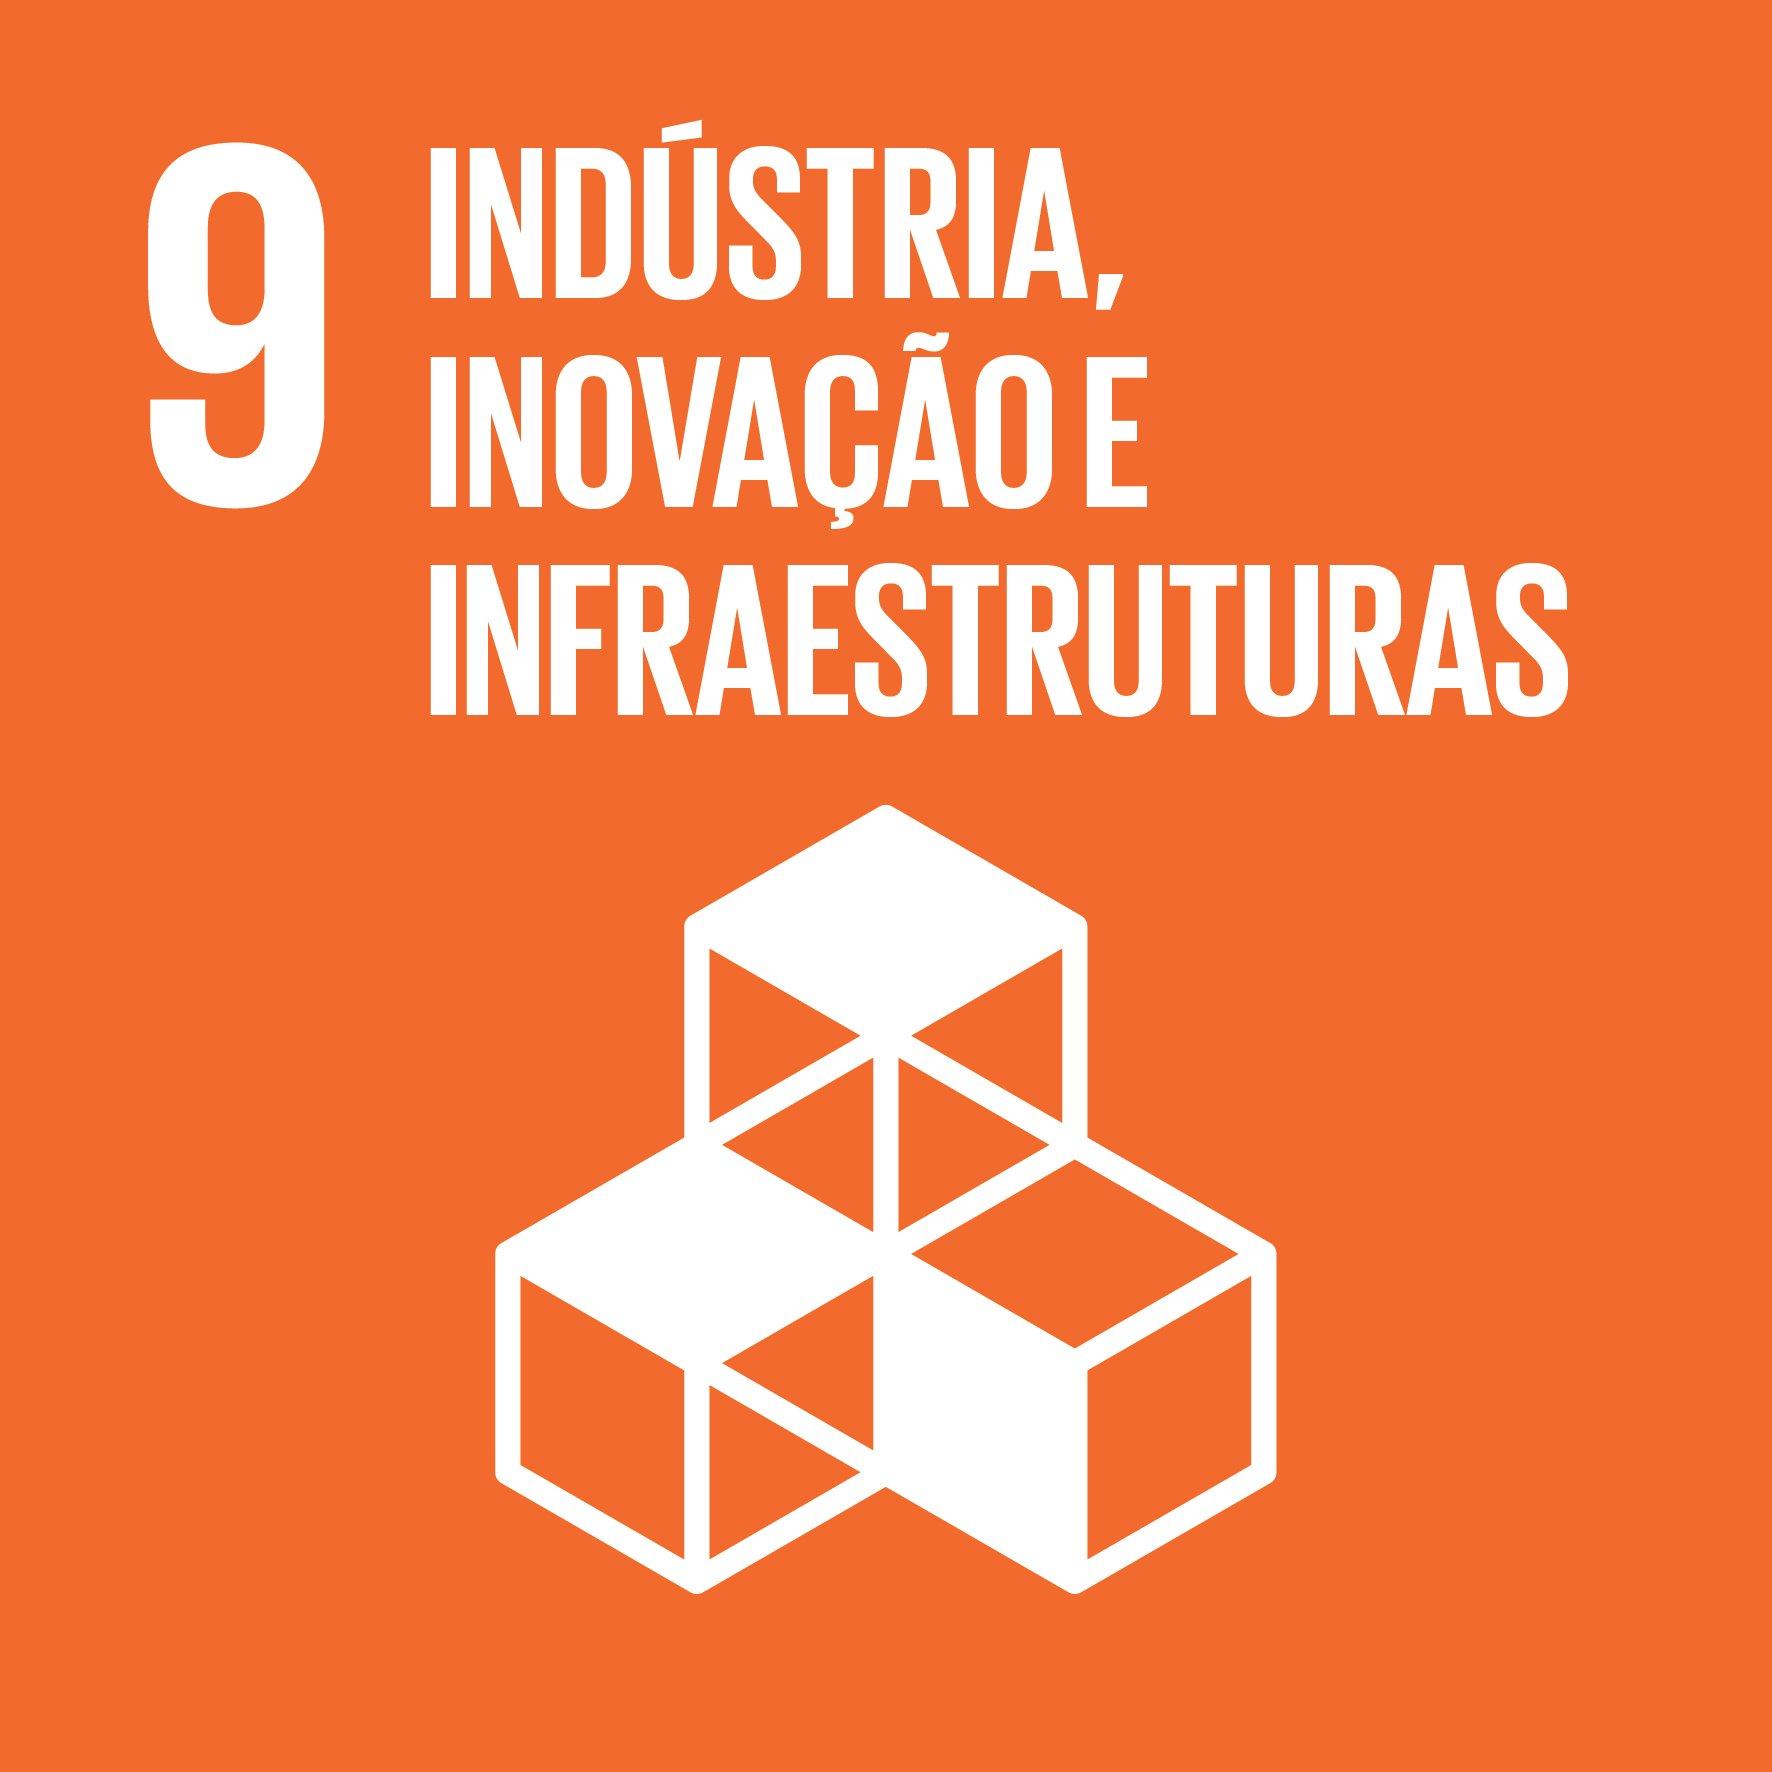 Objetivo 9: Indústria